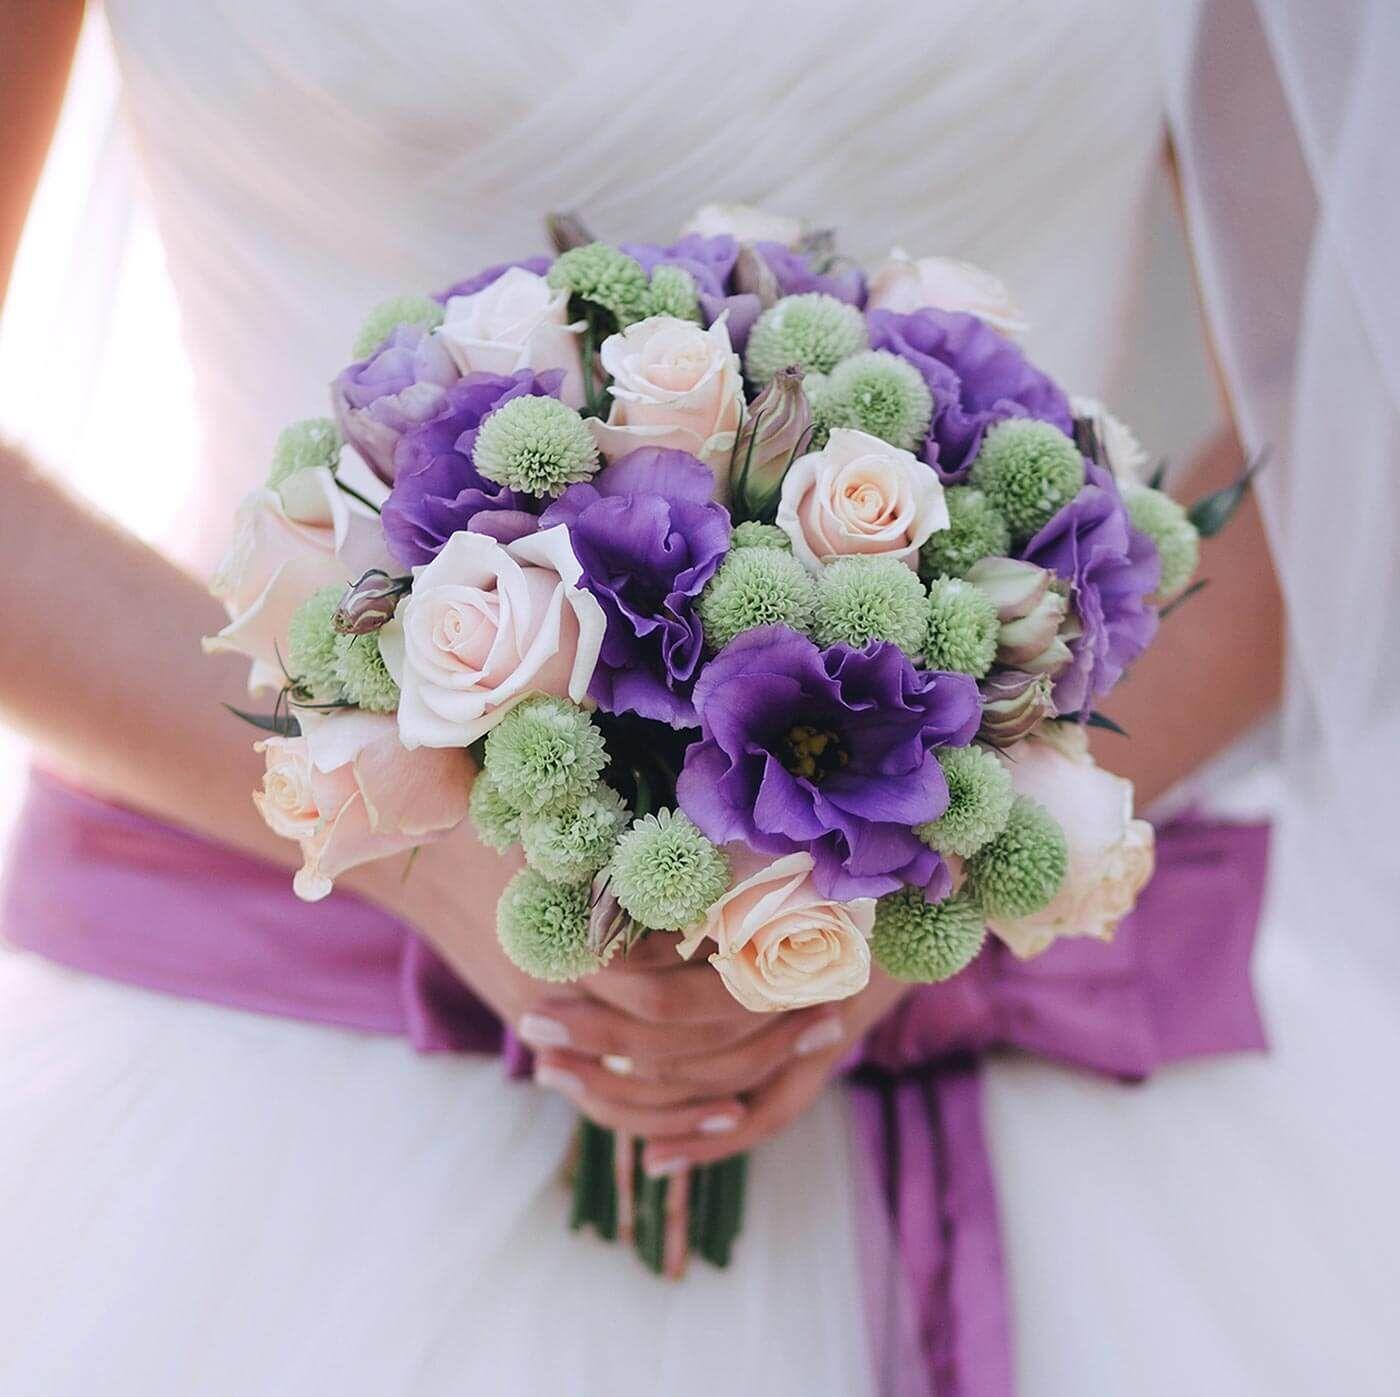 Creme Wandfarbe Und Holzlatten: Brautsträuße, Hochzeit Strauss